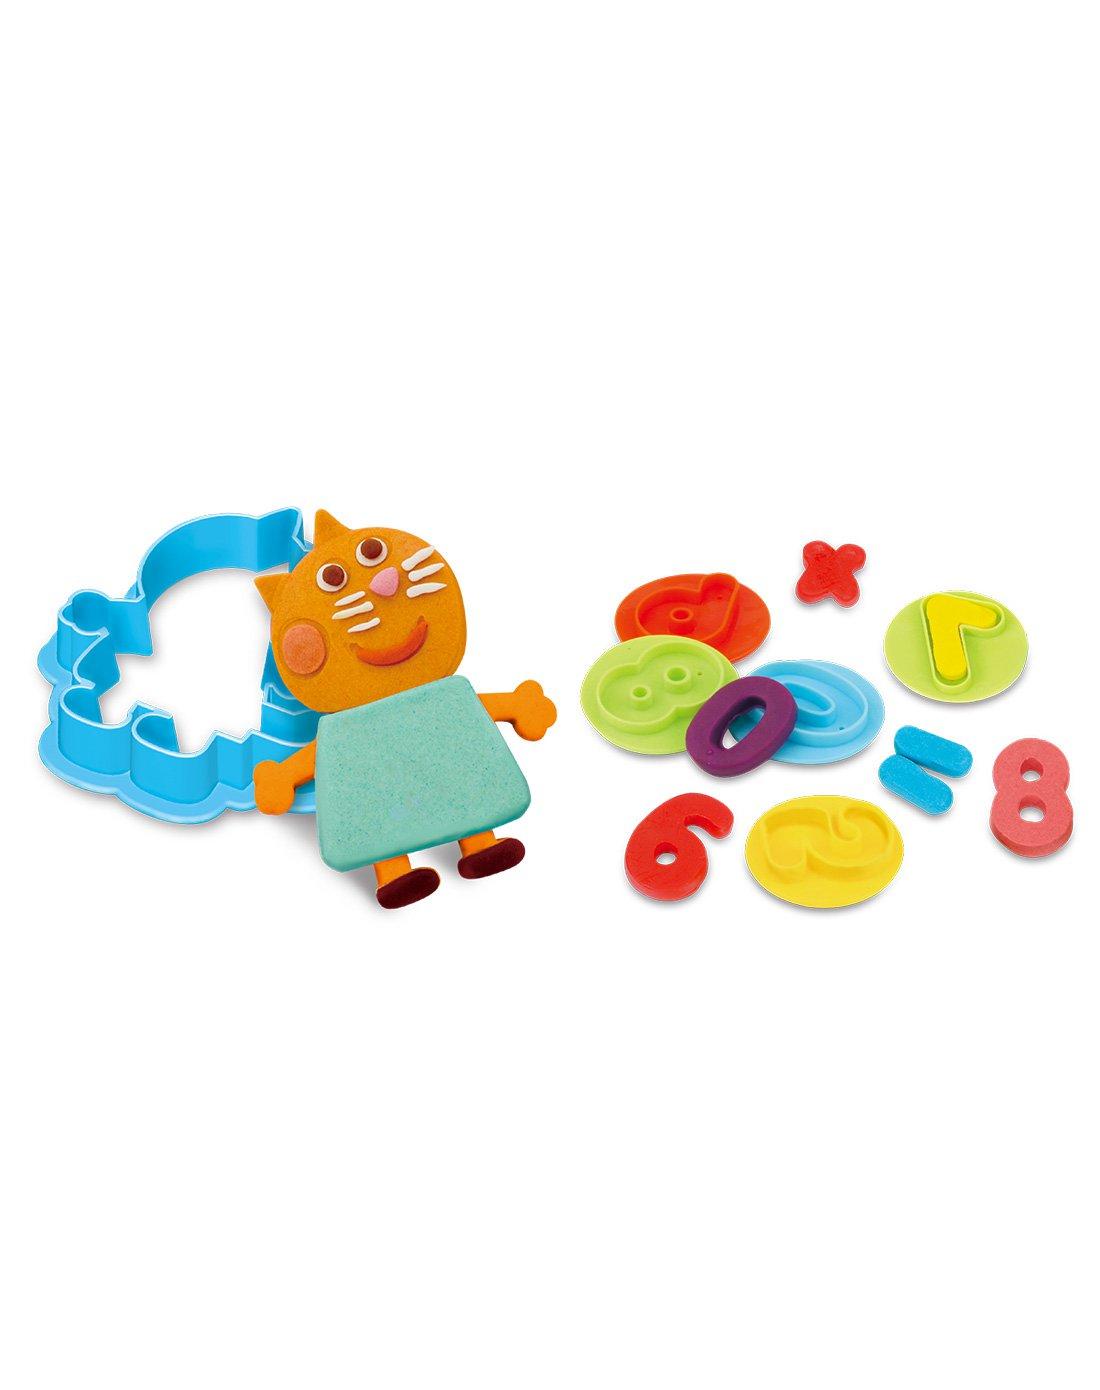 小猪佩奇儿童彩泥橡皮泥套装含工具 男孩女孩喜爱玩具 小猪佩奇趣味课